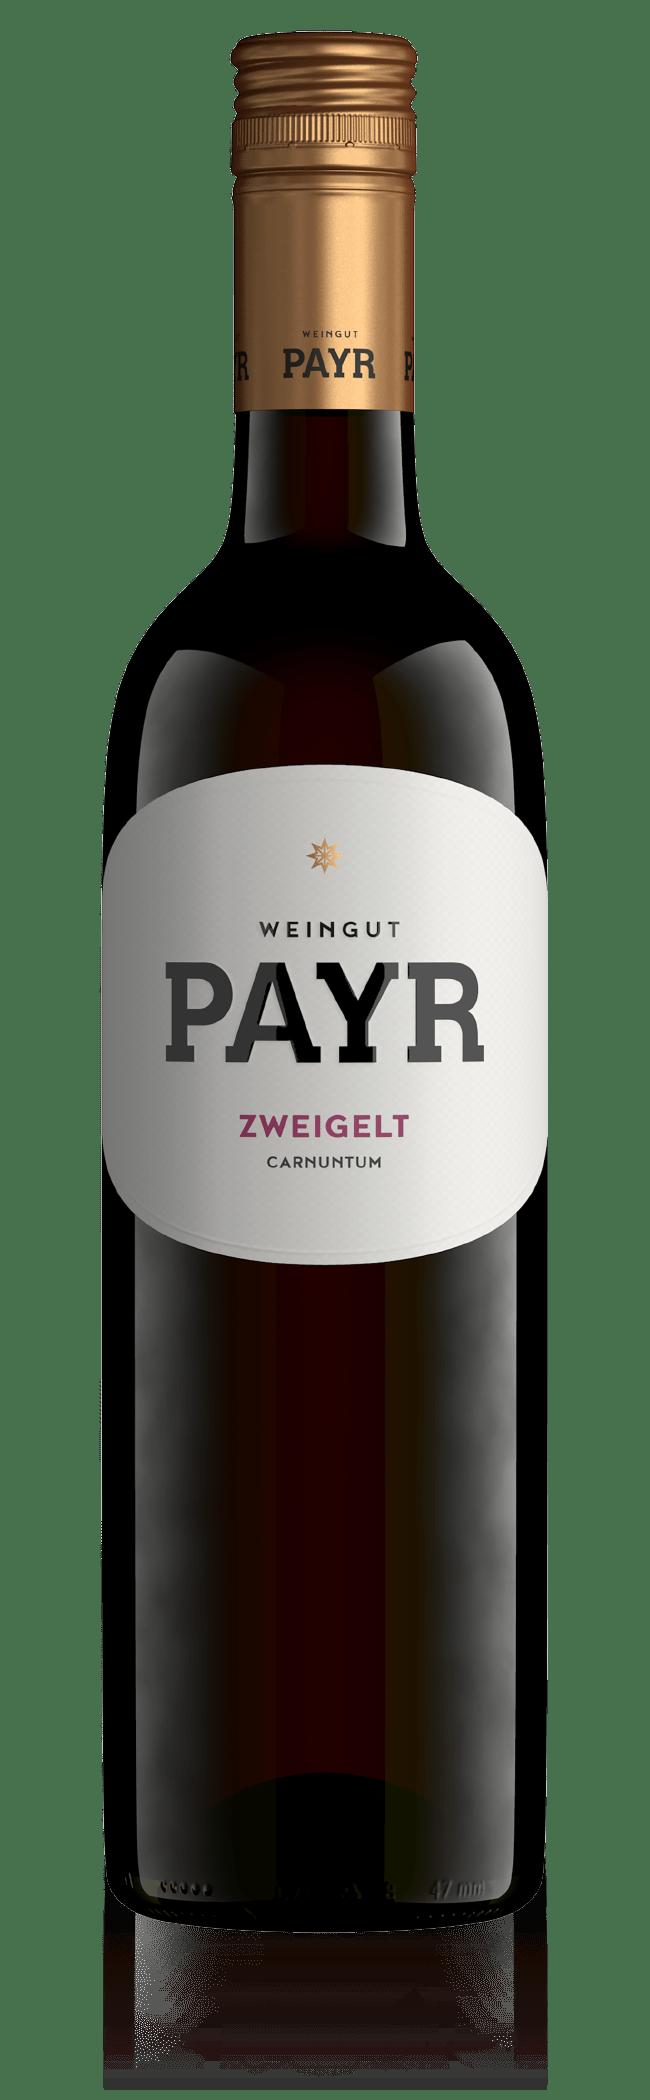 Weinflasche Zweigelt